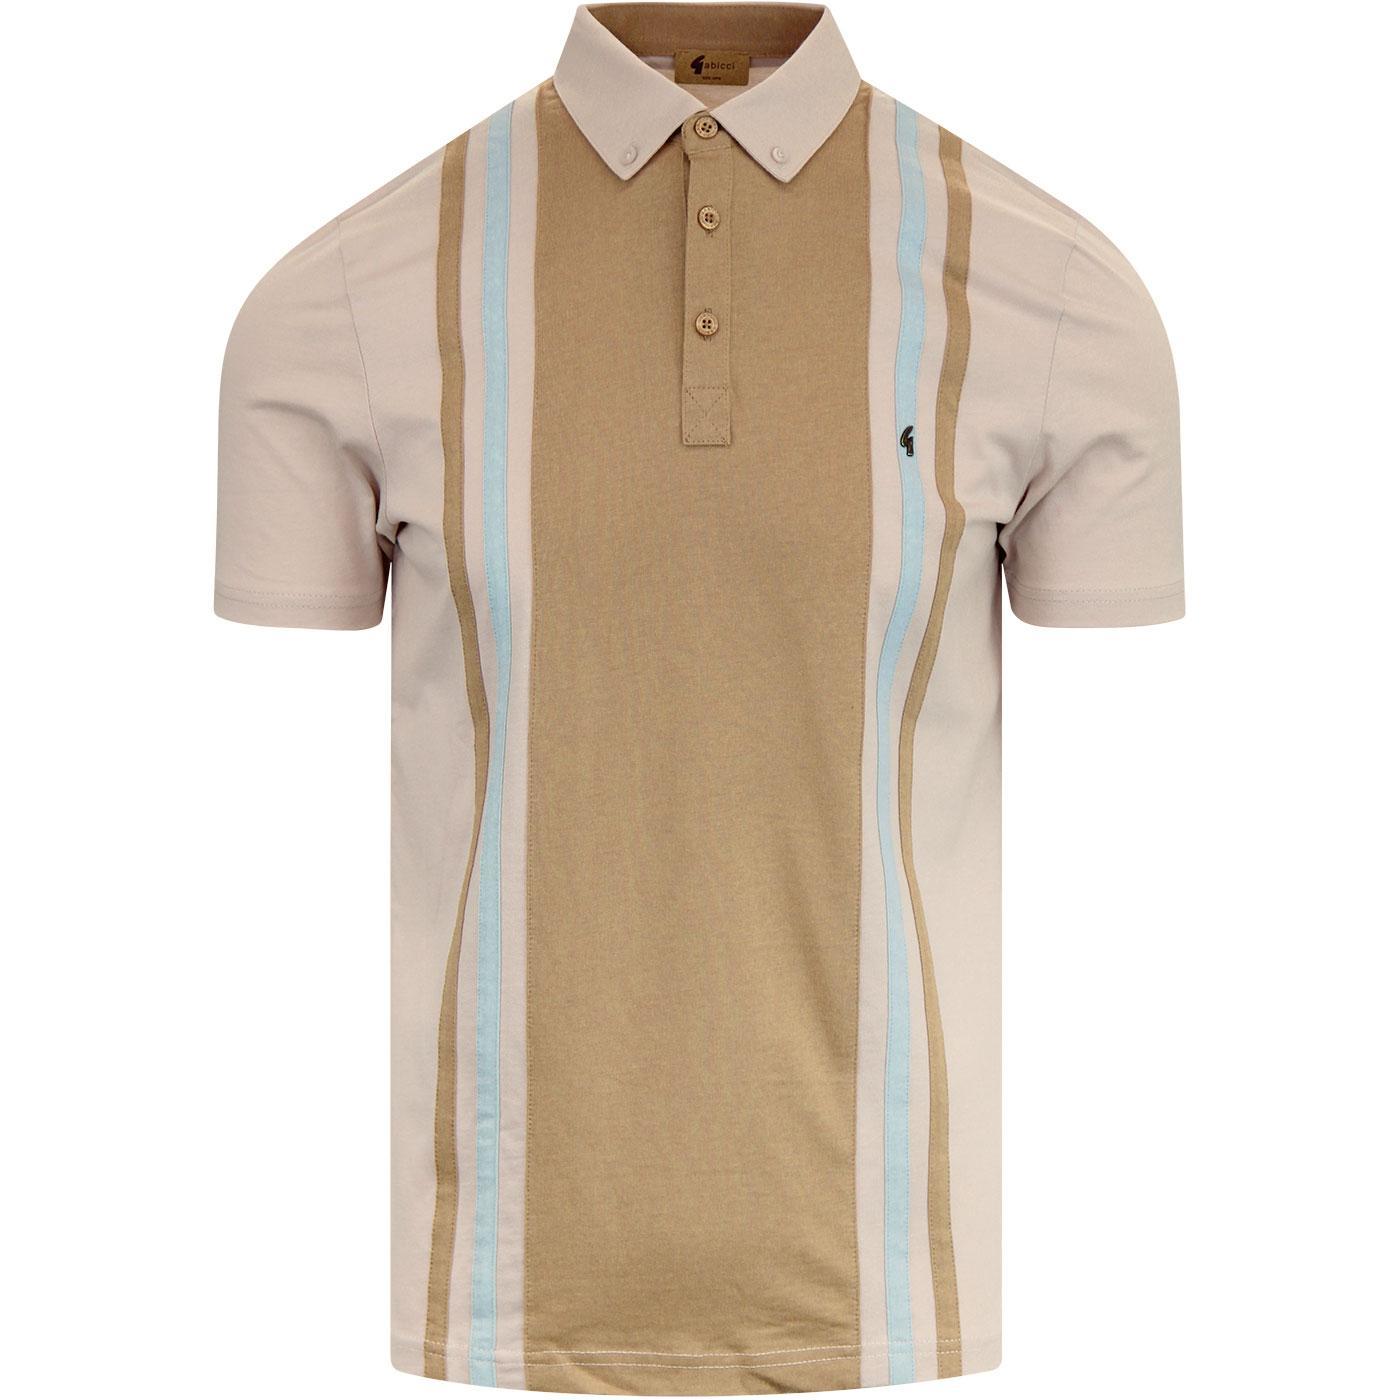 Briar GABICCI VINTAGE Mod Stripe Panel Jersey Polo